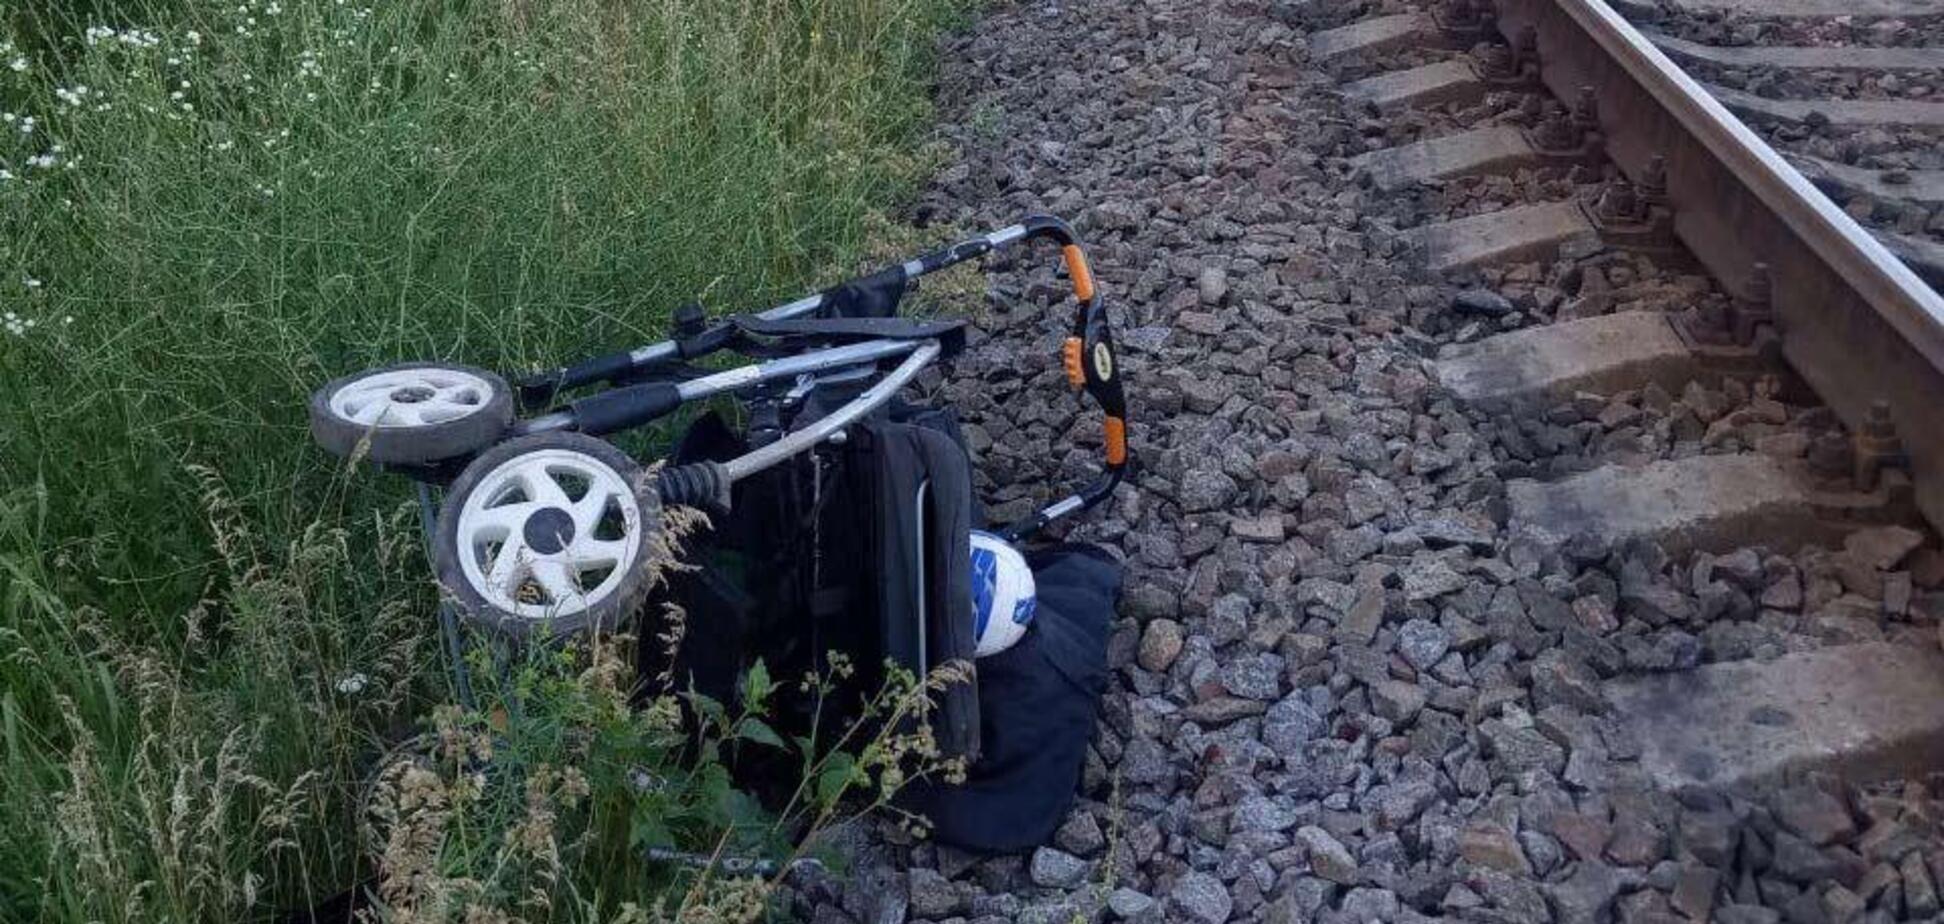 У Дніпрі поїзд збив дитину: поліція відкрила кримінальну справу